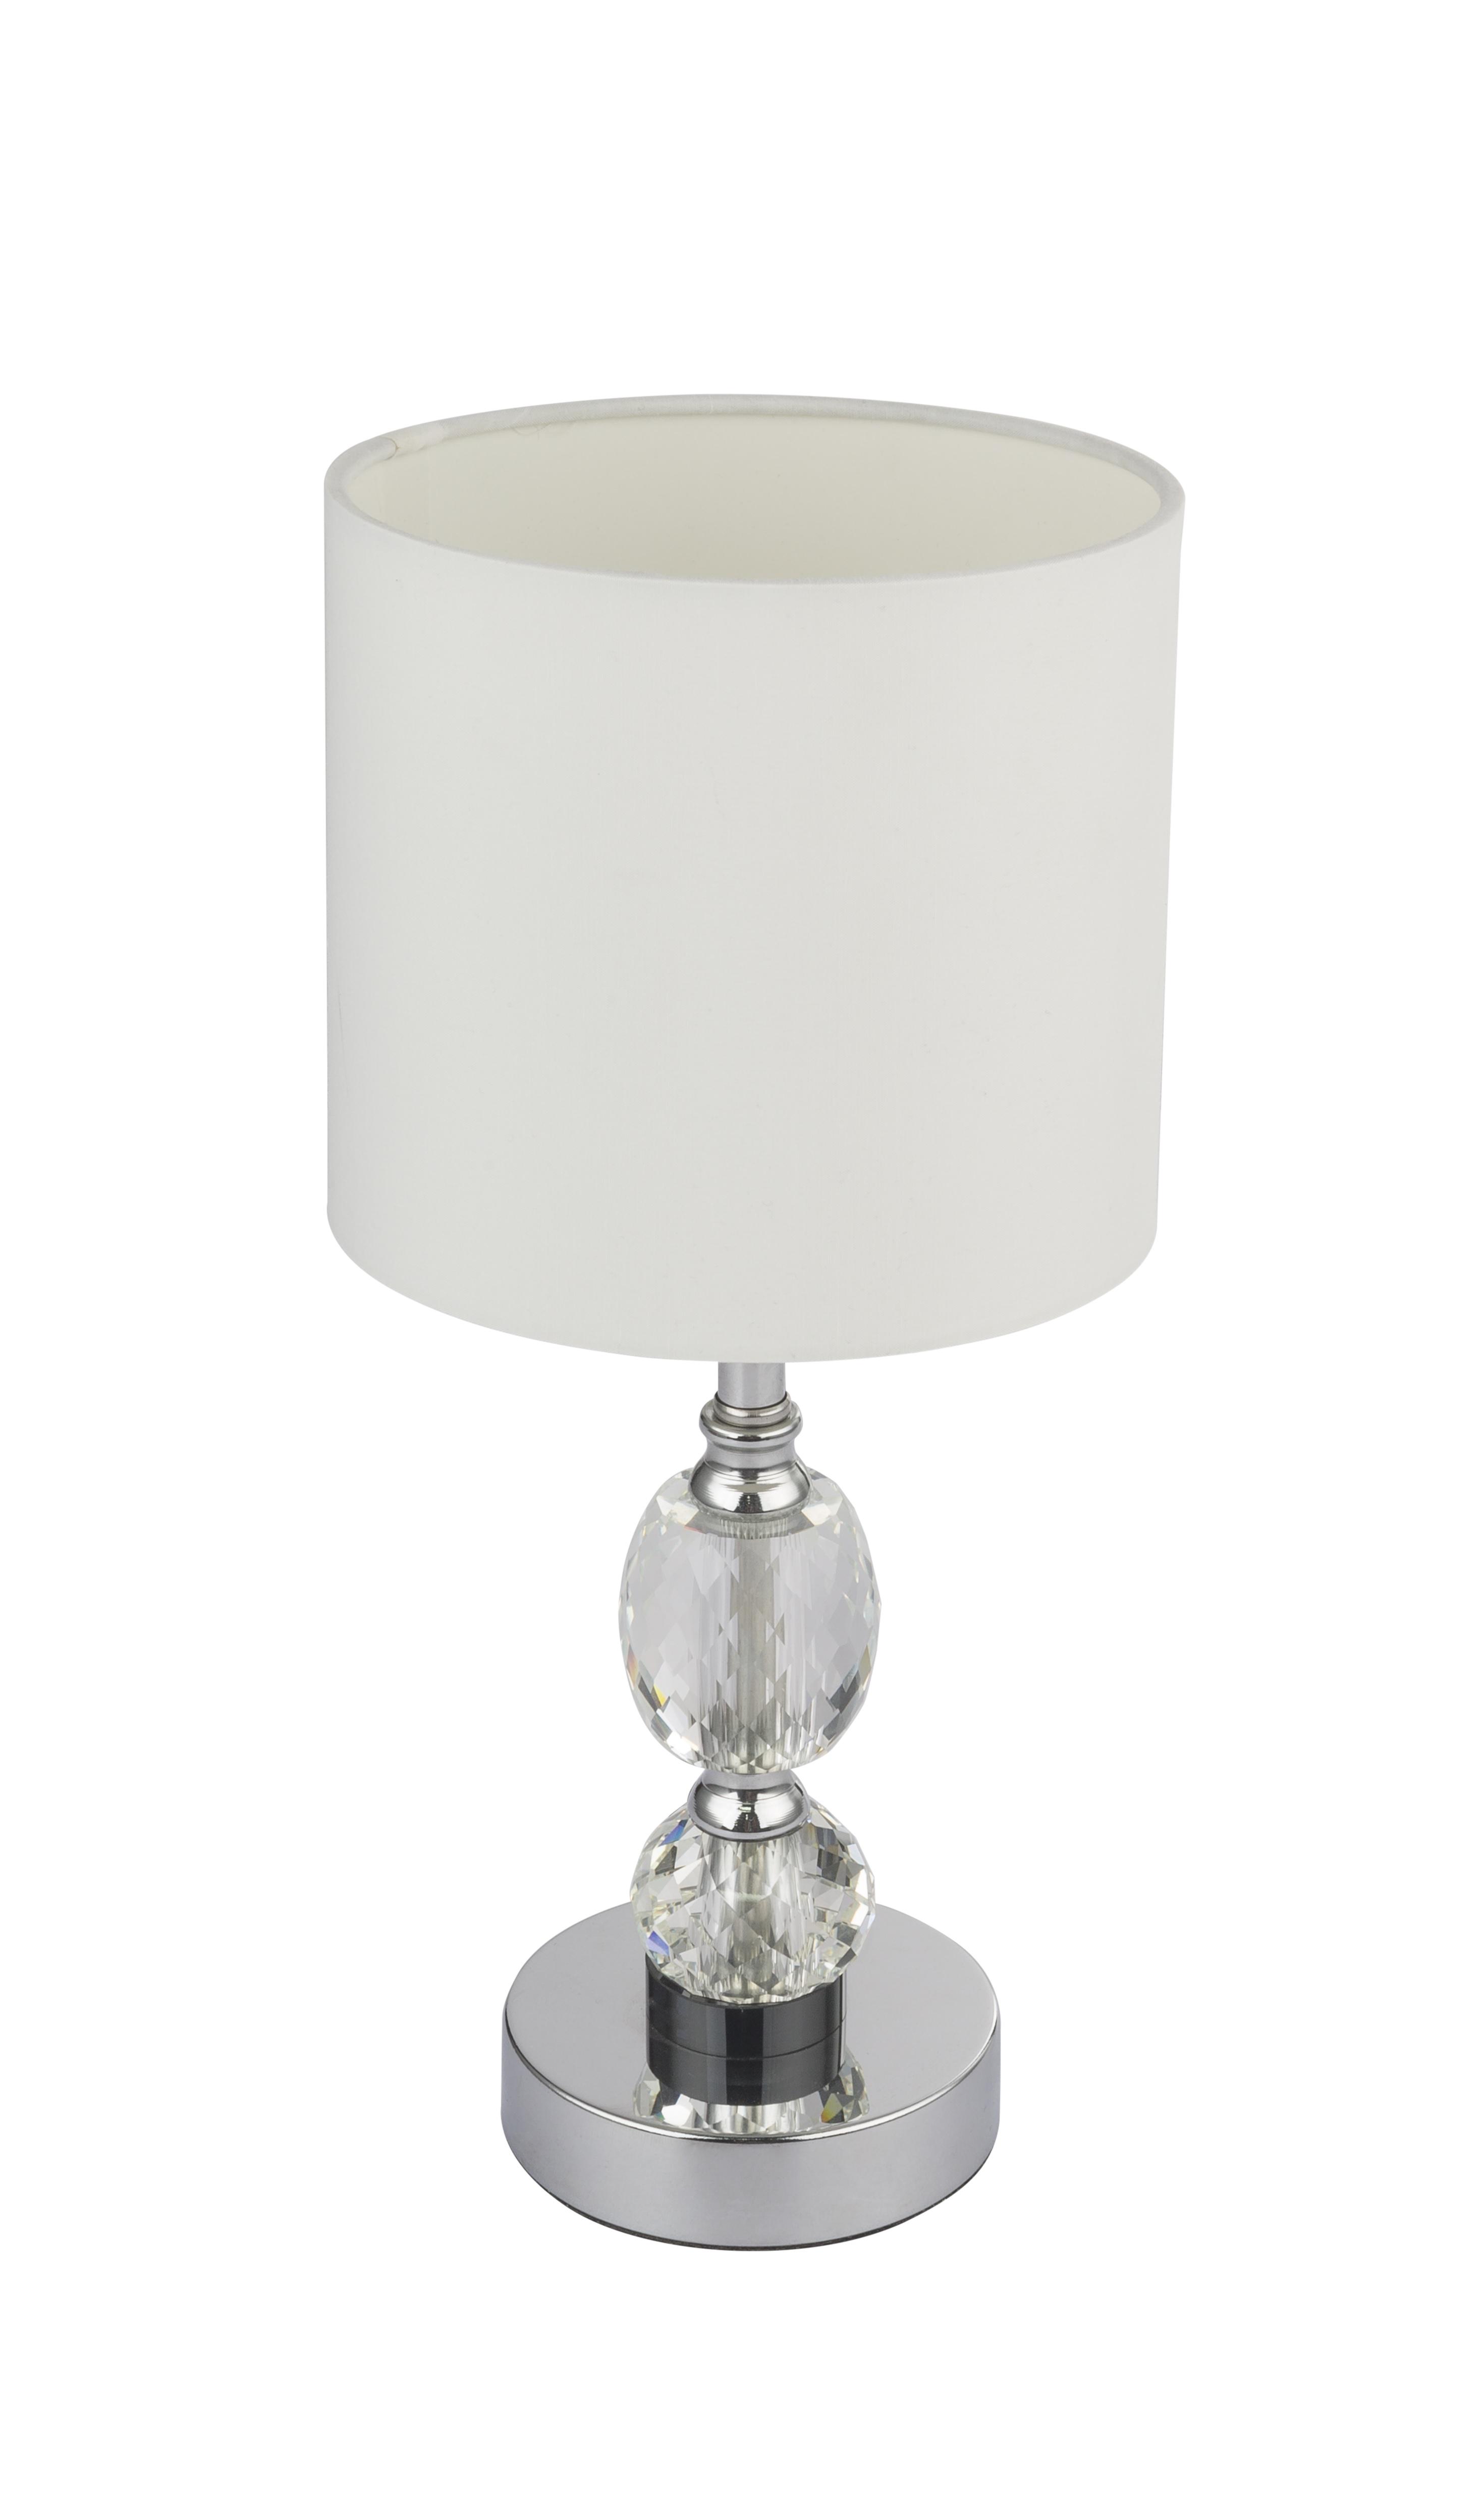 Lampada Tavolo Piccola Elegante Vetro Cristalli Sfaccettati Globo Lighting 24136 Idea Luce Di Filippi Carru Cuneo